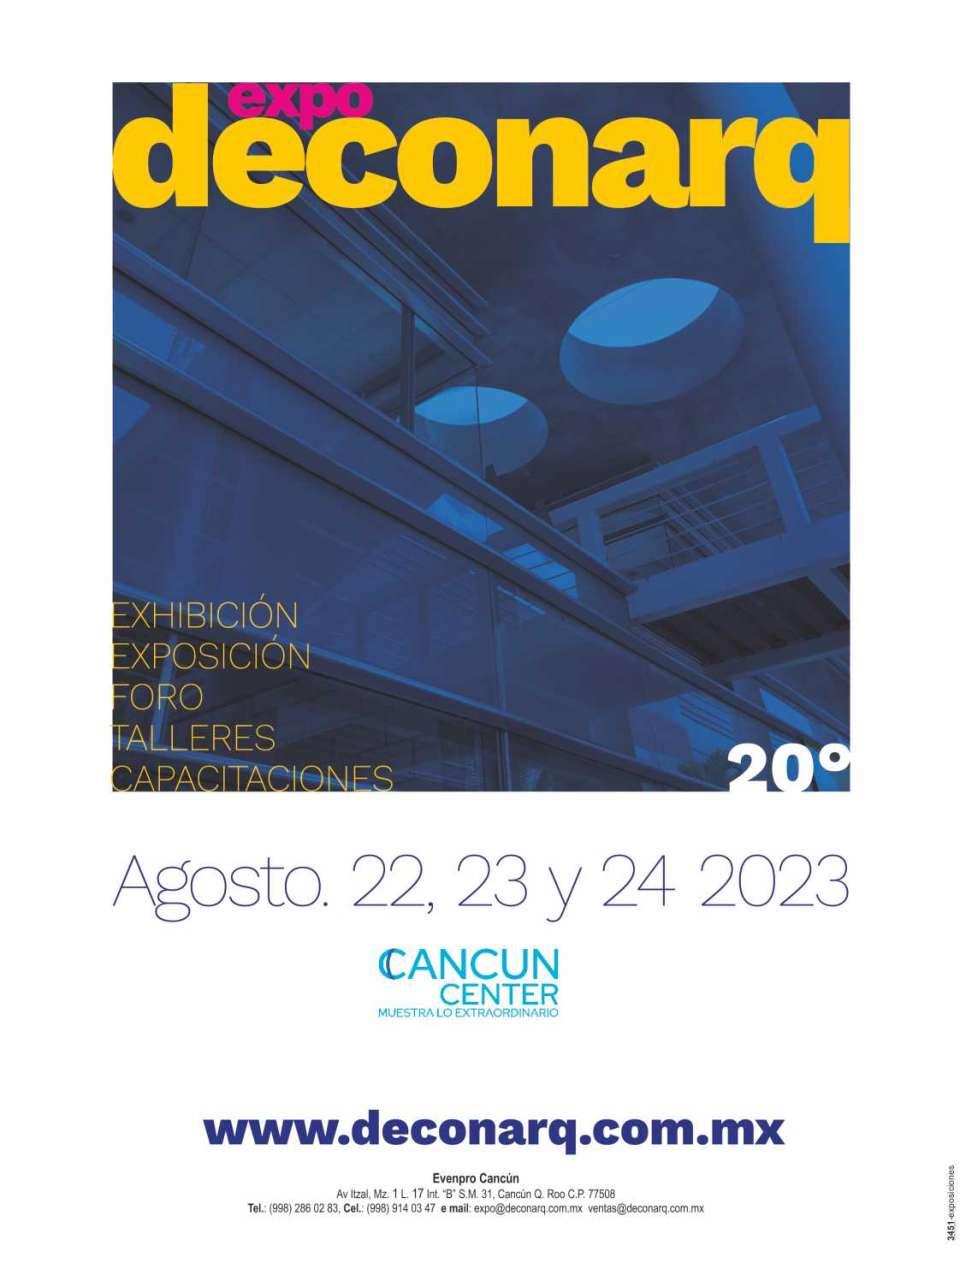 Exposicion DECONARQ en Cancún del 16 al 18 de Agosto 2017. Desarrollo, Construcción y Arquitectura.